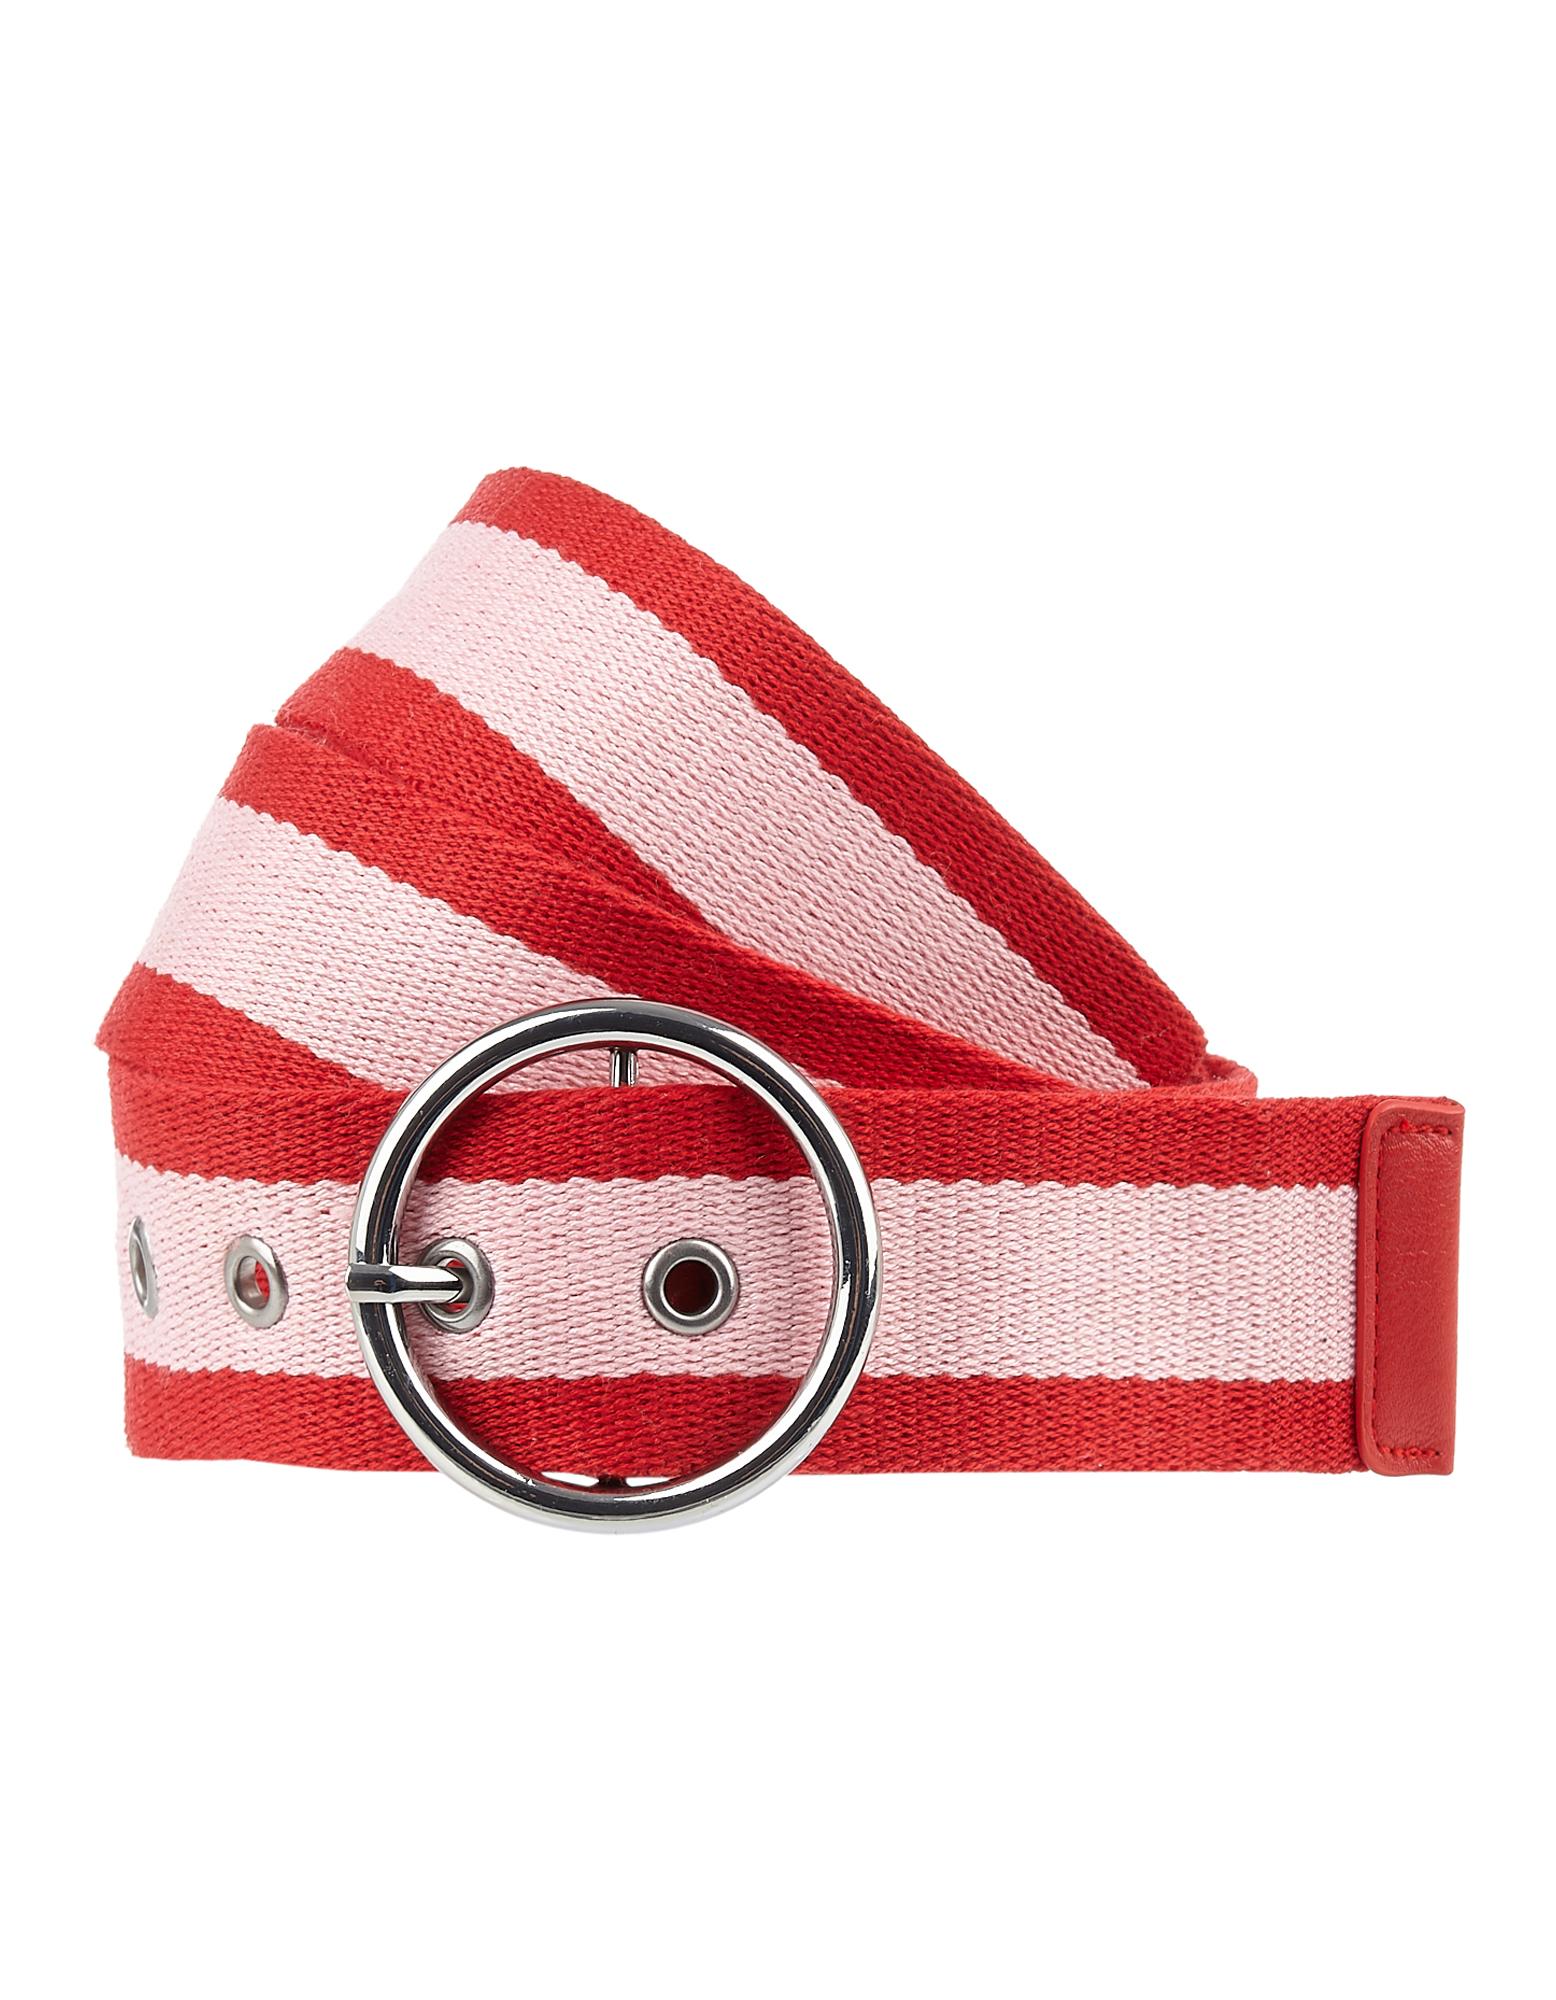 Damen Gürtel aus Textil mit rundem Verschluss  | 81599273280509